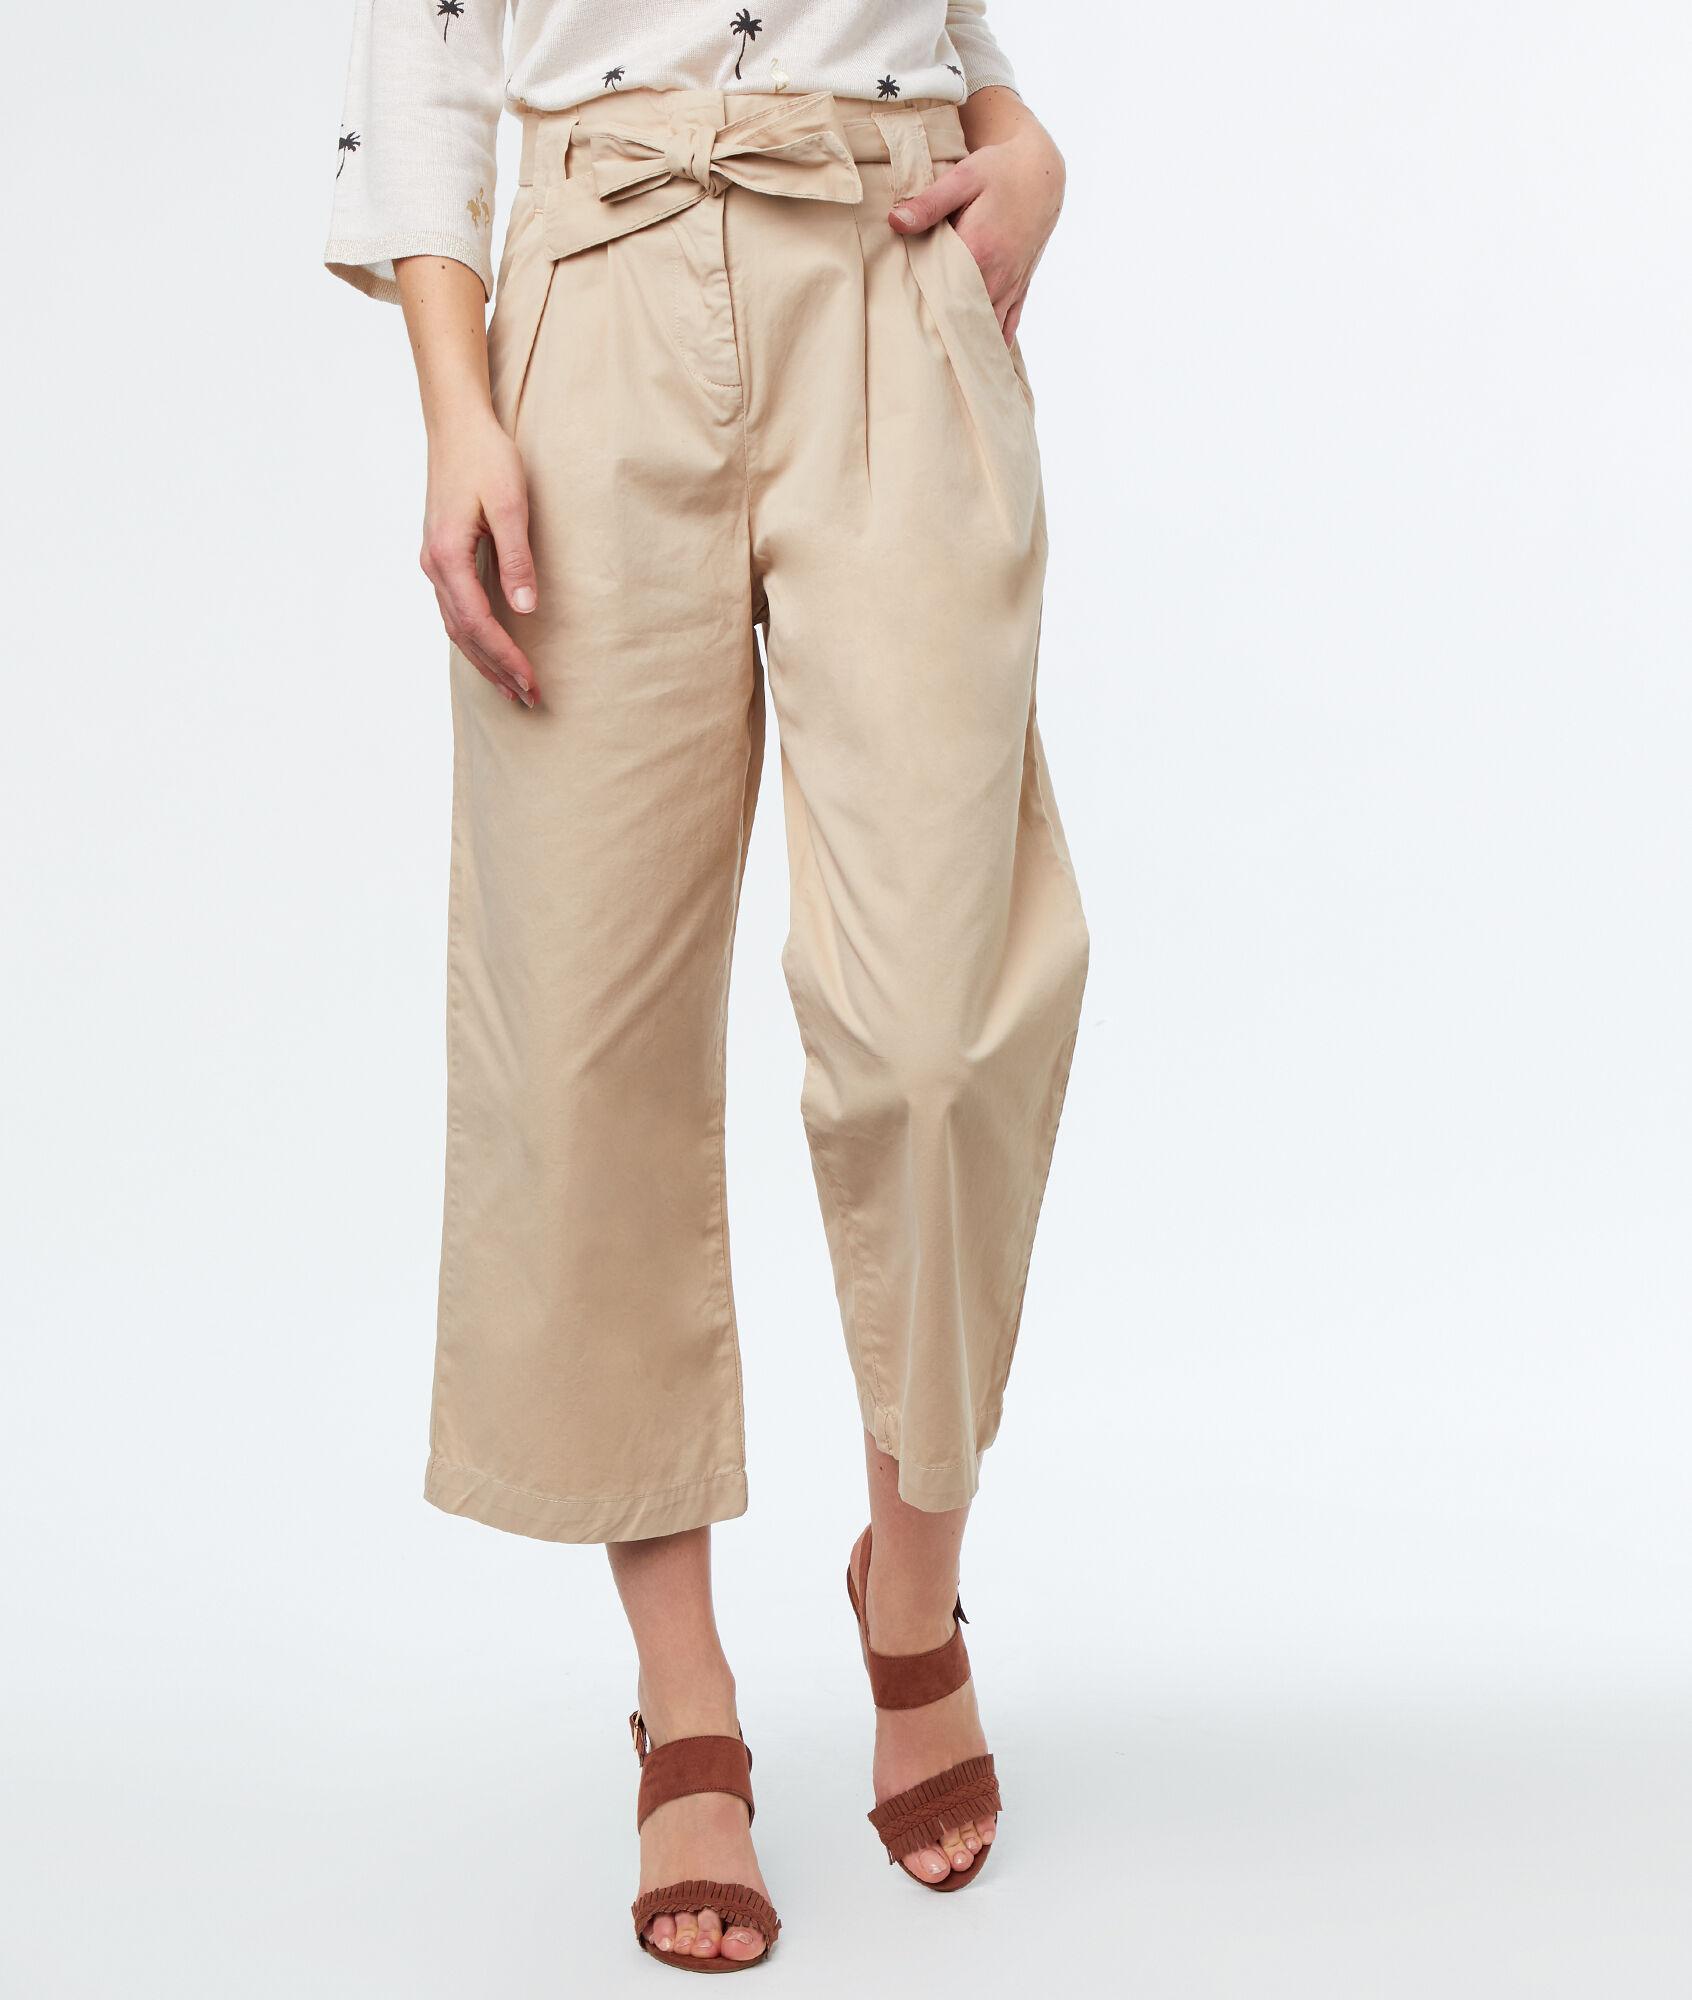 Pantalon ample en coton mélangé à pois LucyA.P.C. Best-seller À Vendre Vente Pas Cher 2018 Excellente Vente En Ligne KukLj4